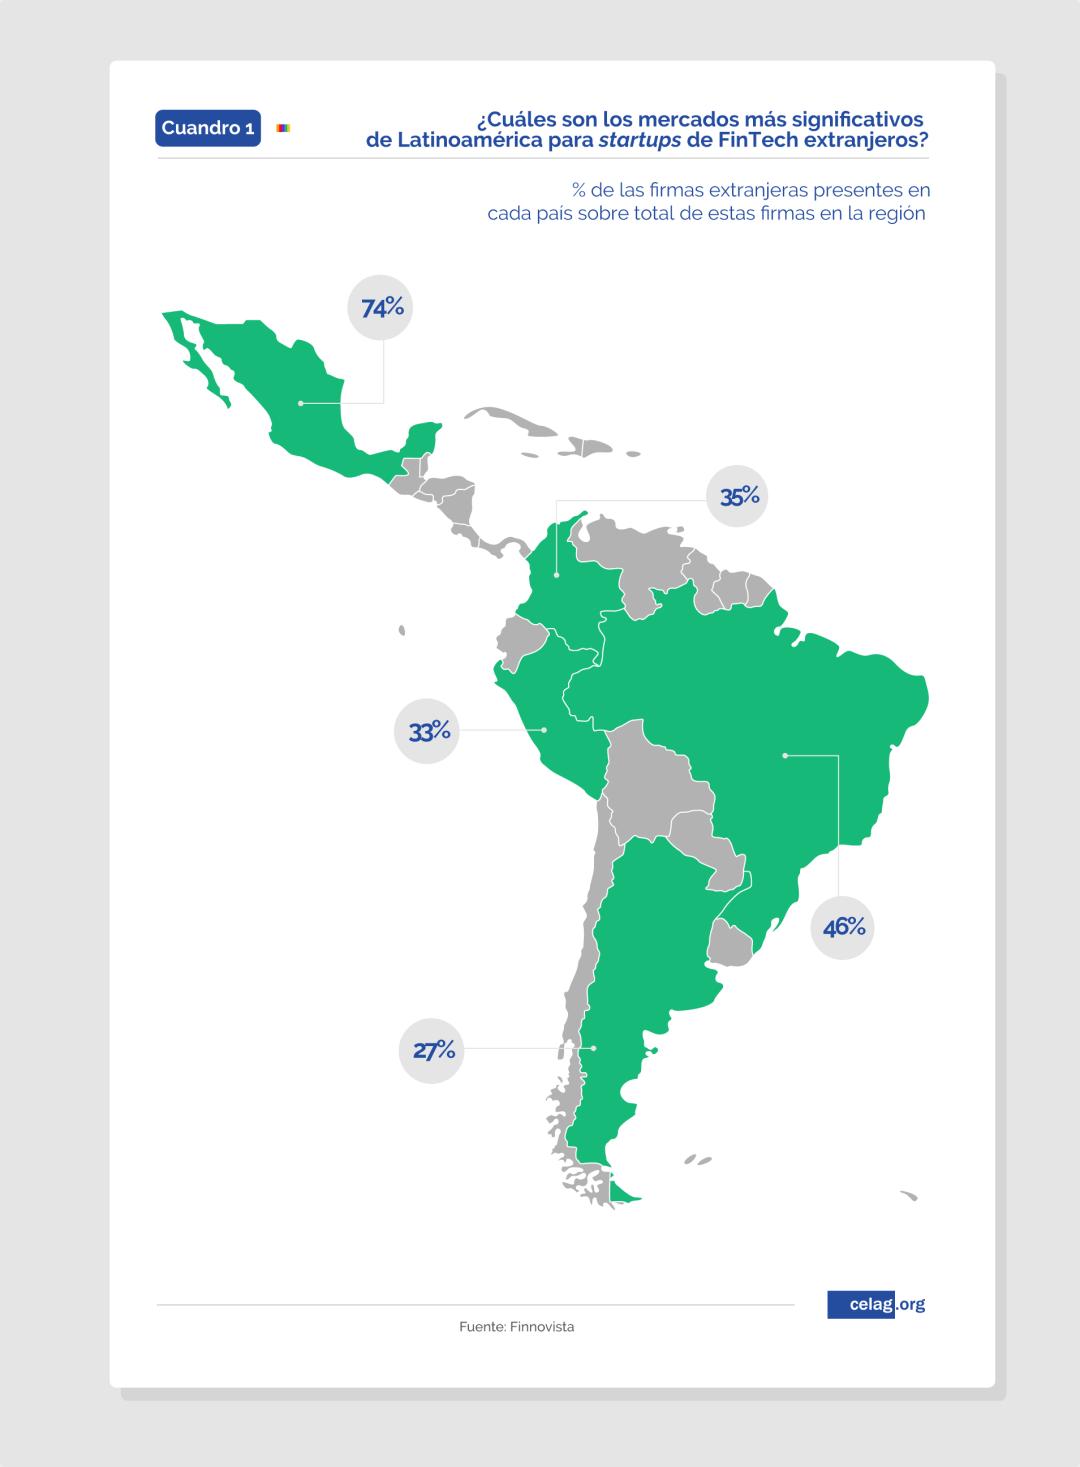 FinTech extranjeras en Latinoamérica